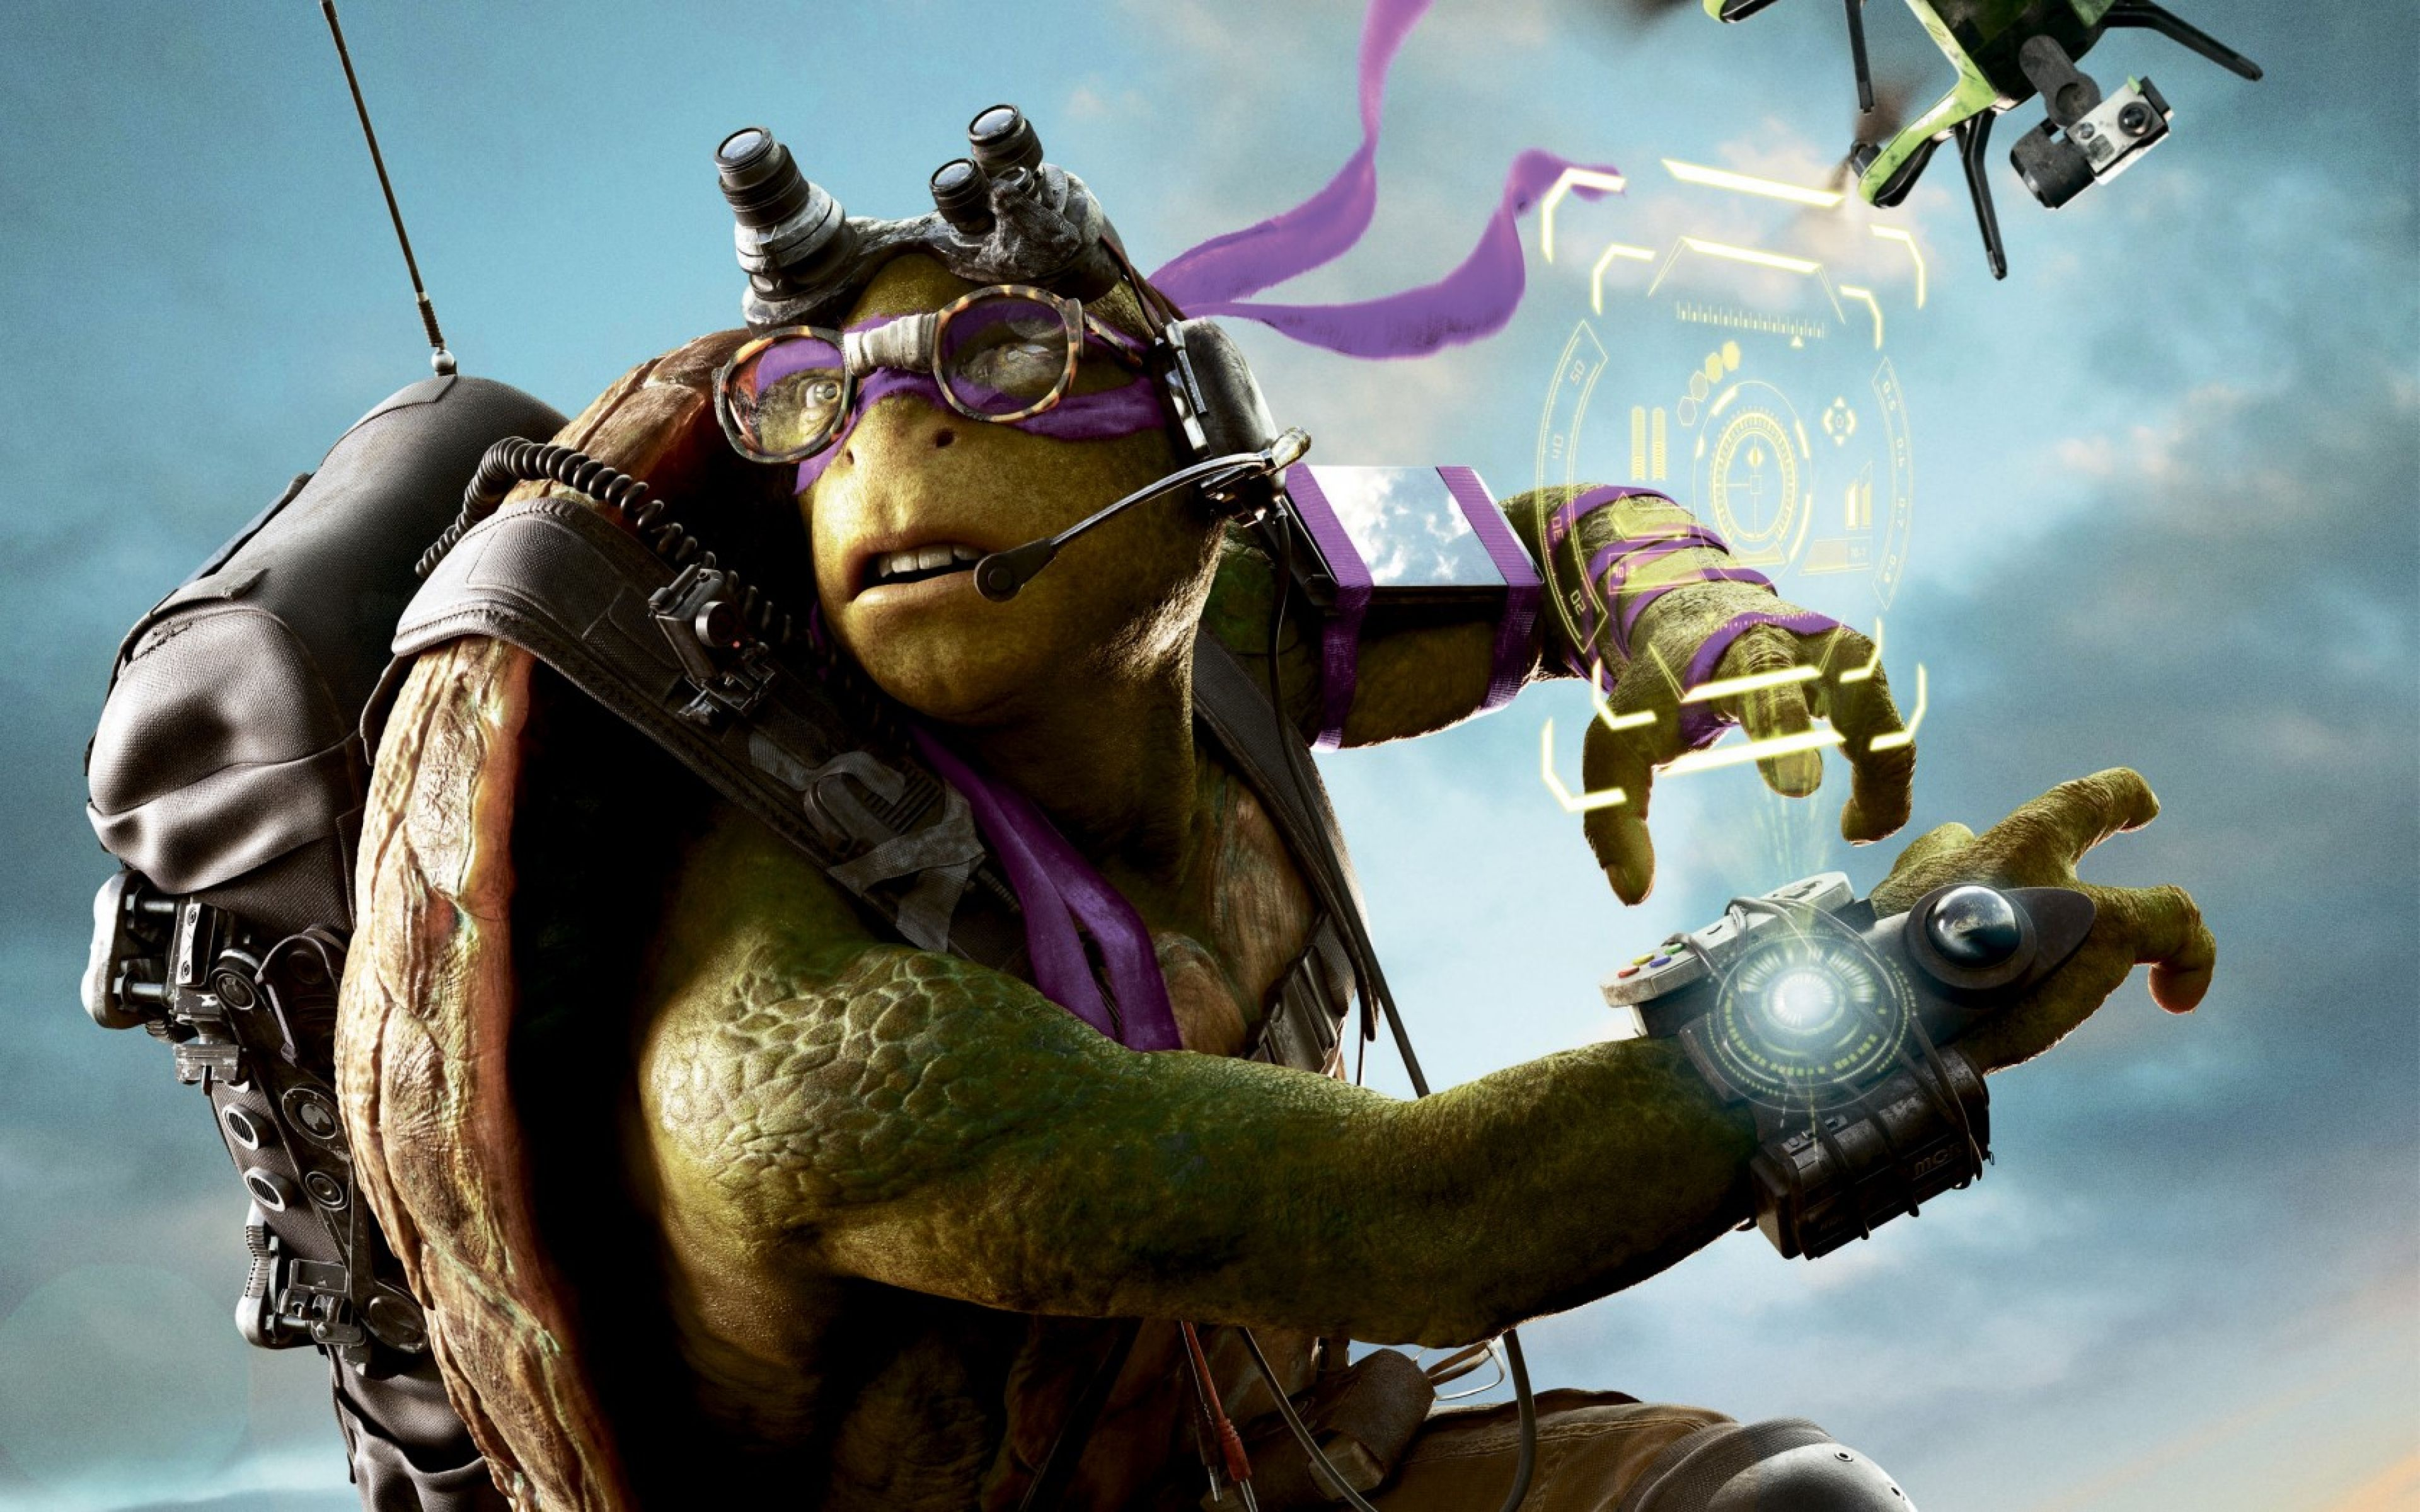 Cool pose teenage mutant ninja turtle wallpape wallpaper hd donatello teenage mutant ninja turtles out of the shadows wallpapers wallpapers hd wallpapers voltagebd Images